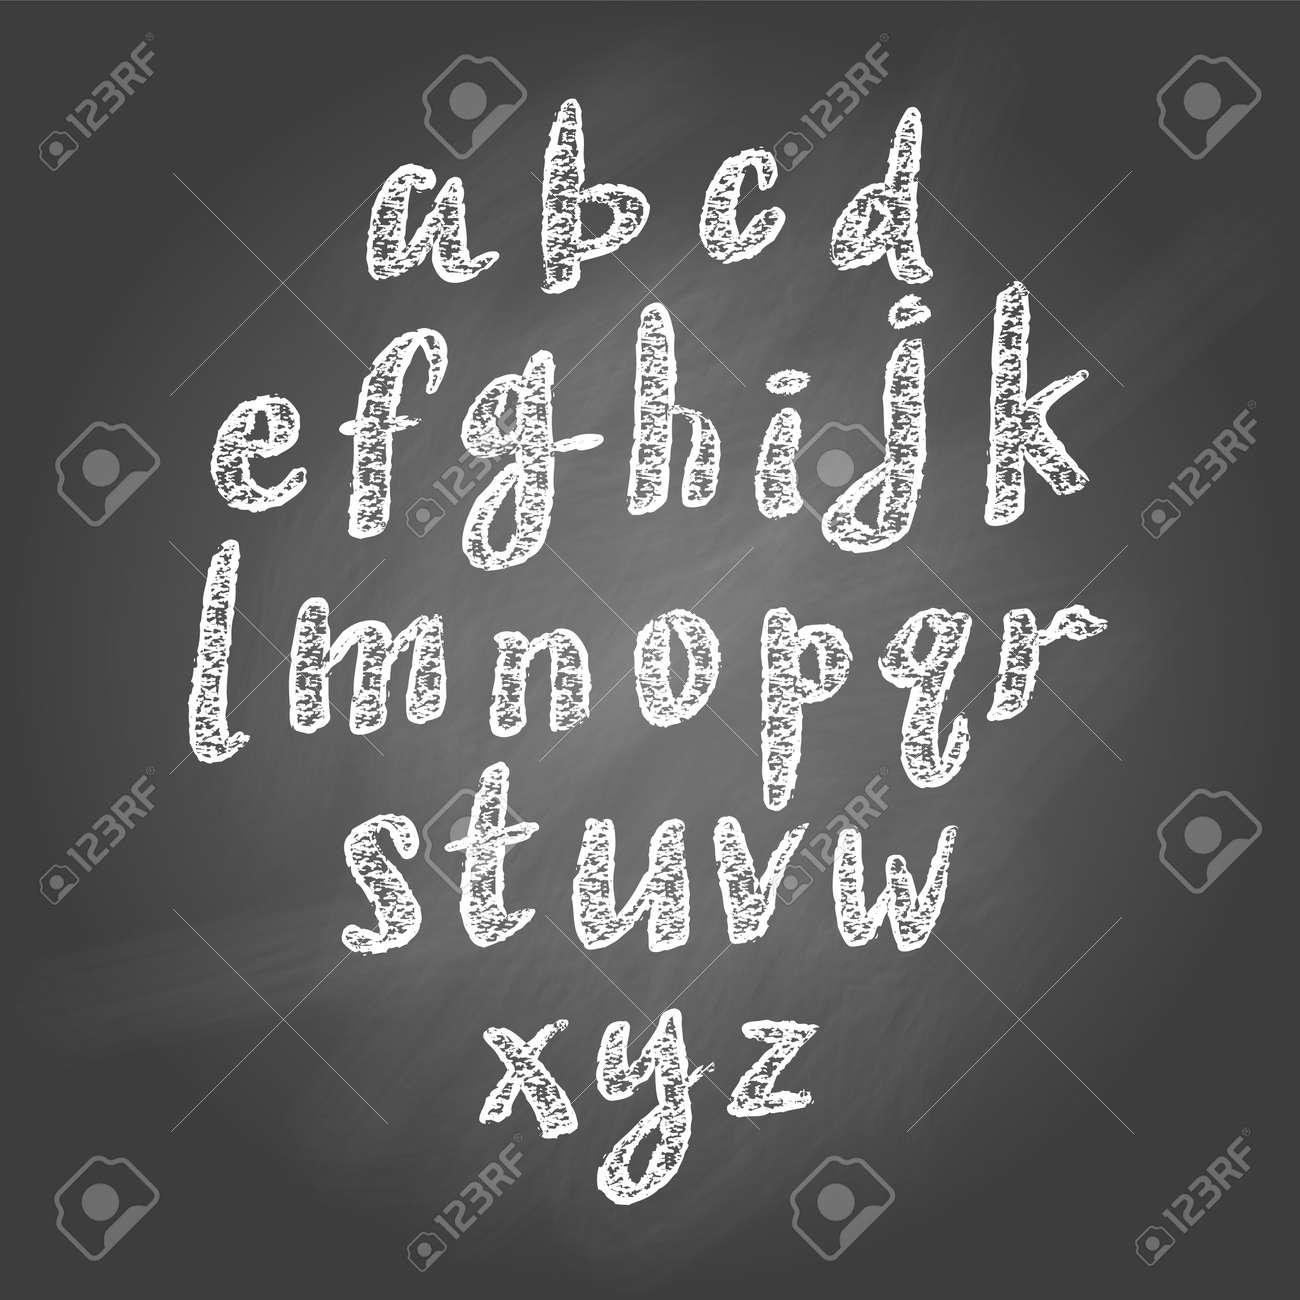 チョークのベクトル イラスト スケッチ黒板背景に文字のイラスト素材